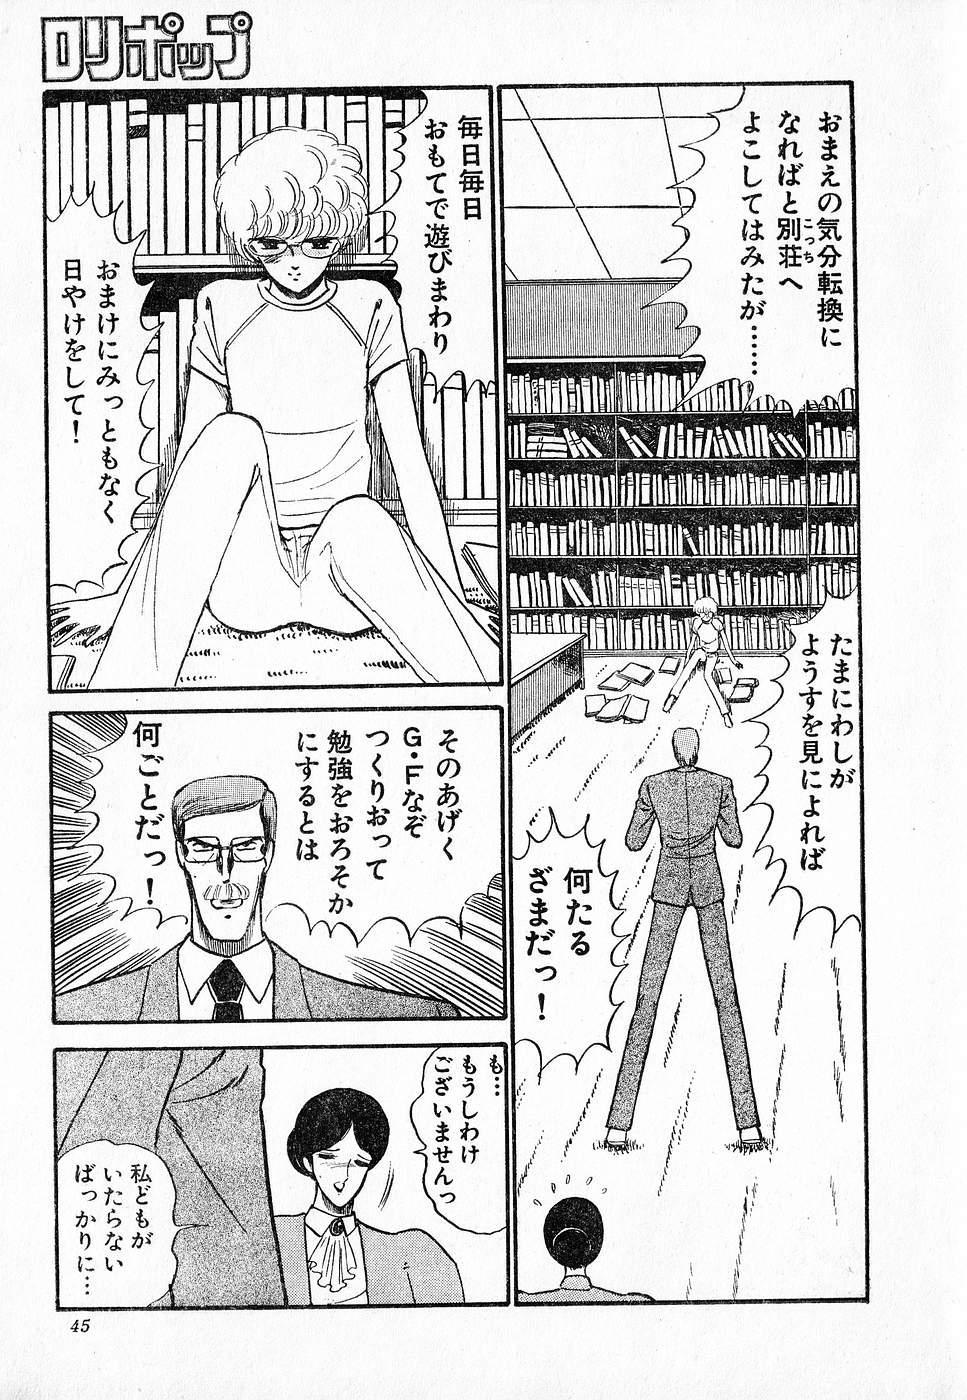 COMIC Lolipop 1985-10 Soukanjunbigou Aki 44